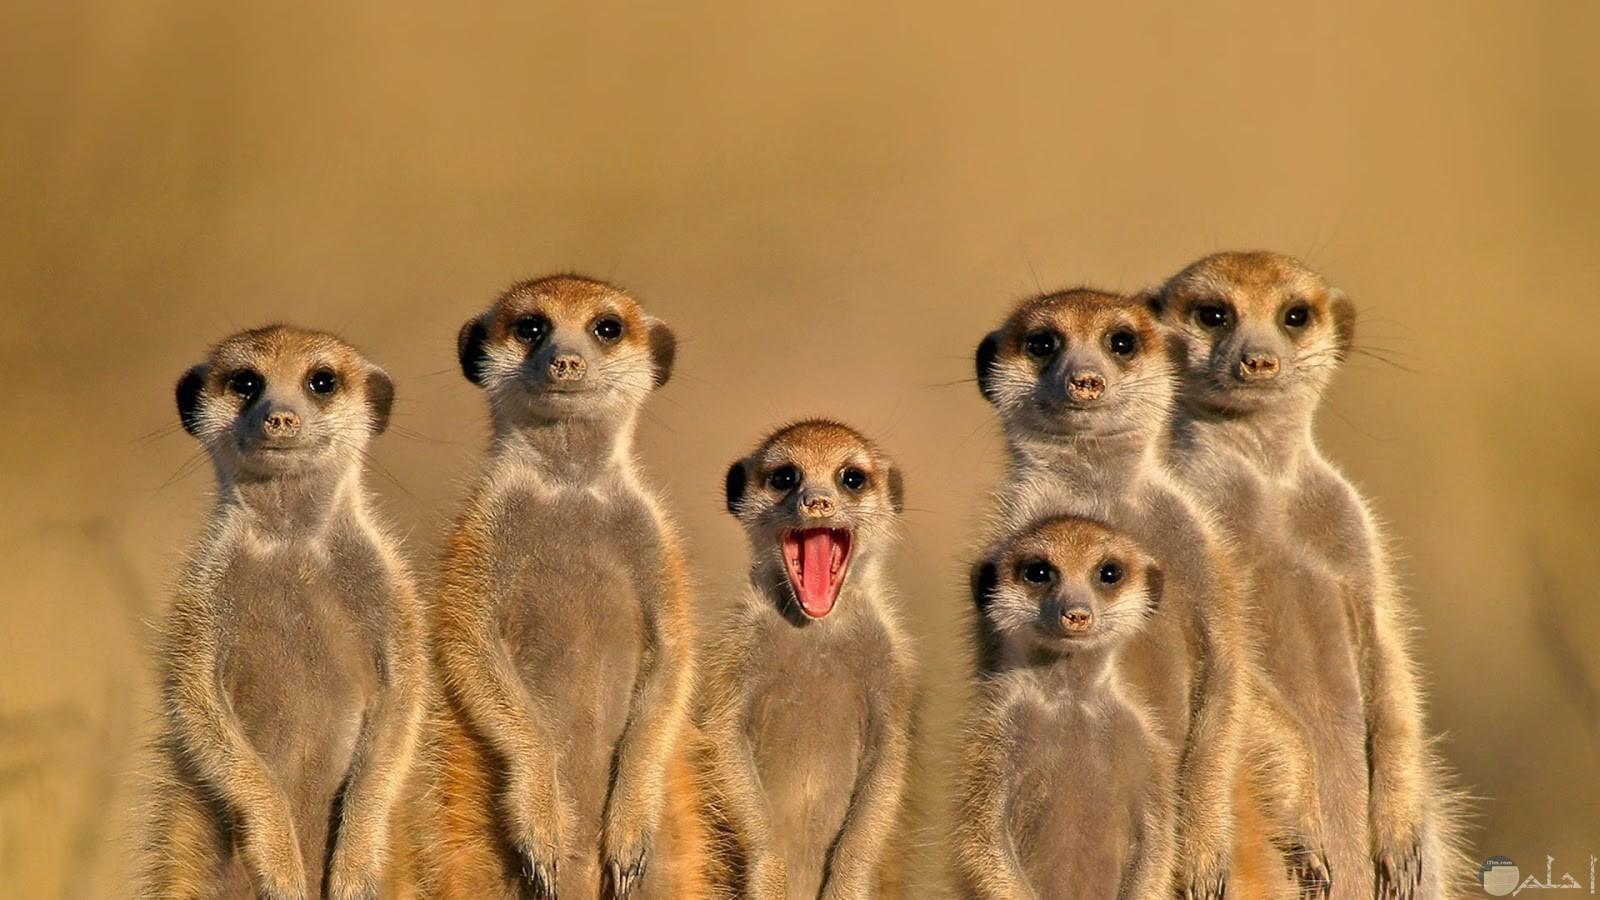 صورة مضحكة للفيس بوك لمجموعة من الحيوانات بينهم واحد مضحك